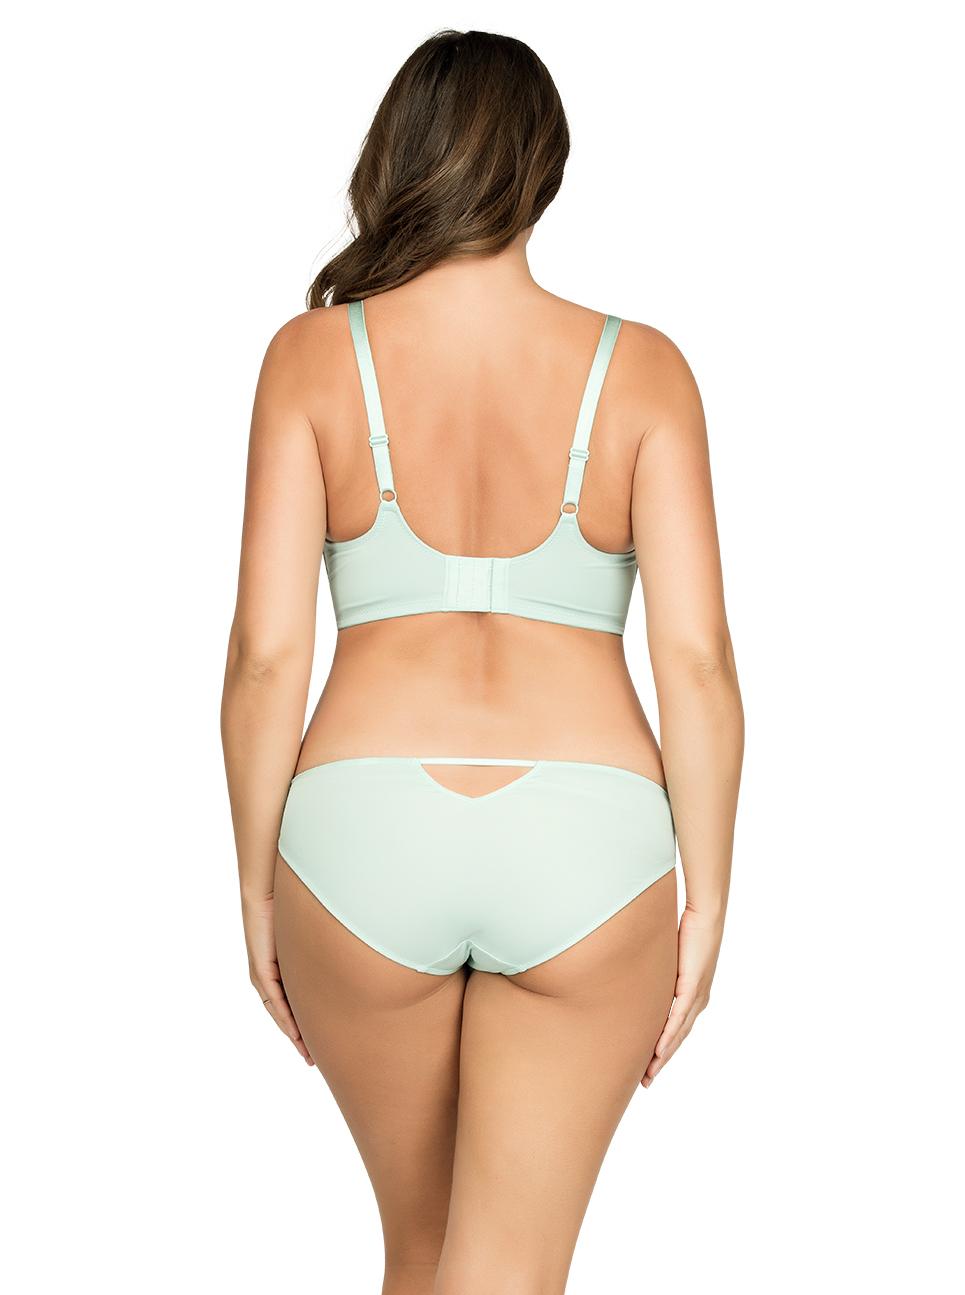 PARFAIT Ciara BraletteP5711 BikiniP5713 Surf Back - Ciara Bralette Surf P5711